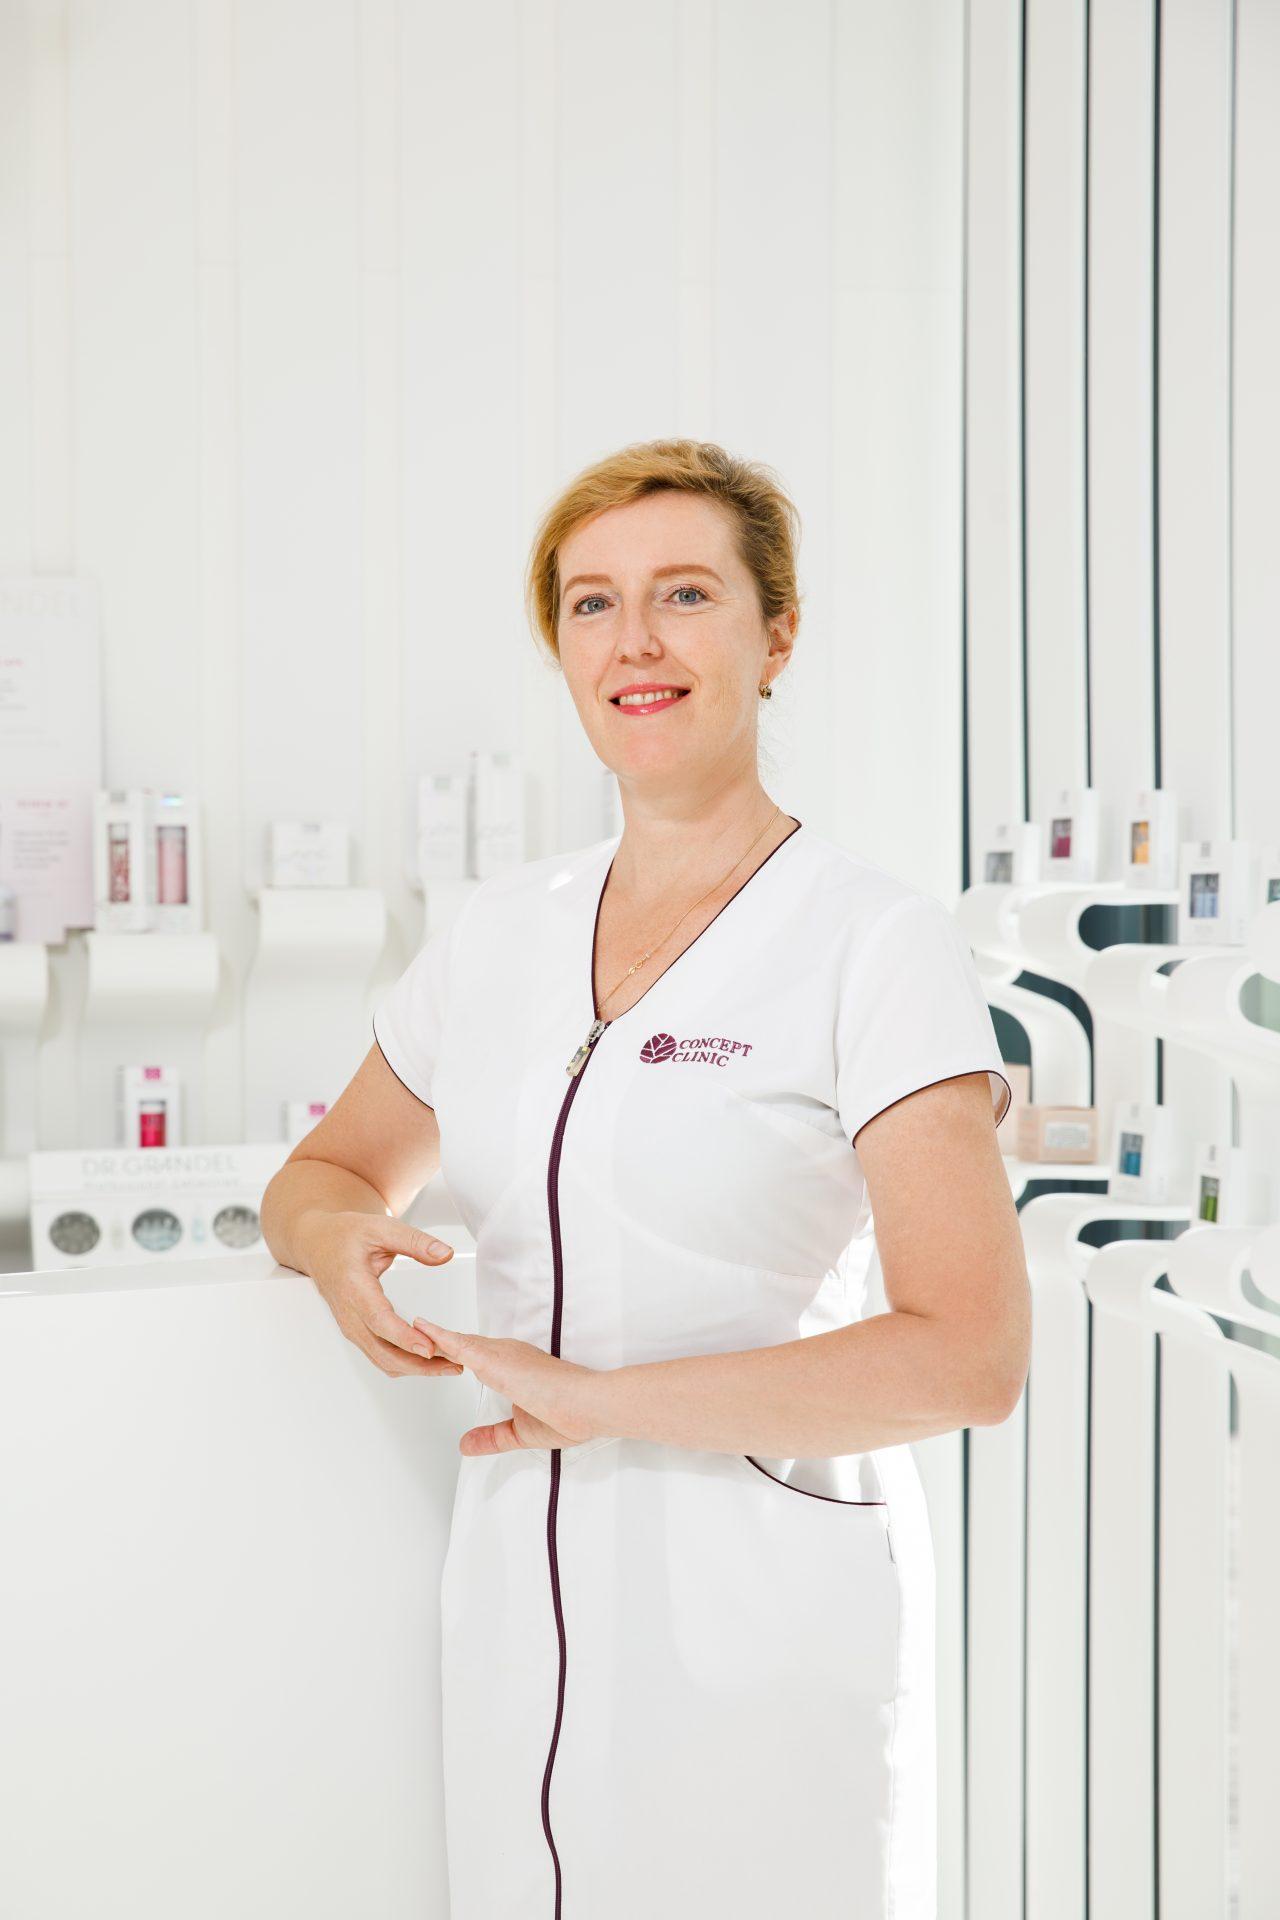 MUDr. Zuzana Zelenayová dermatolog Concept Clinic